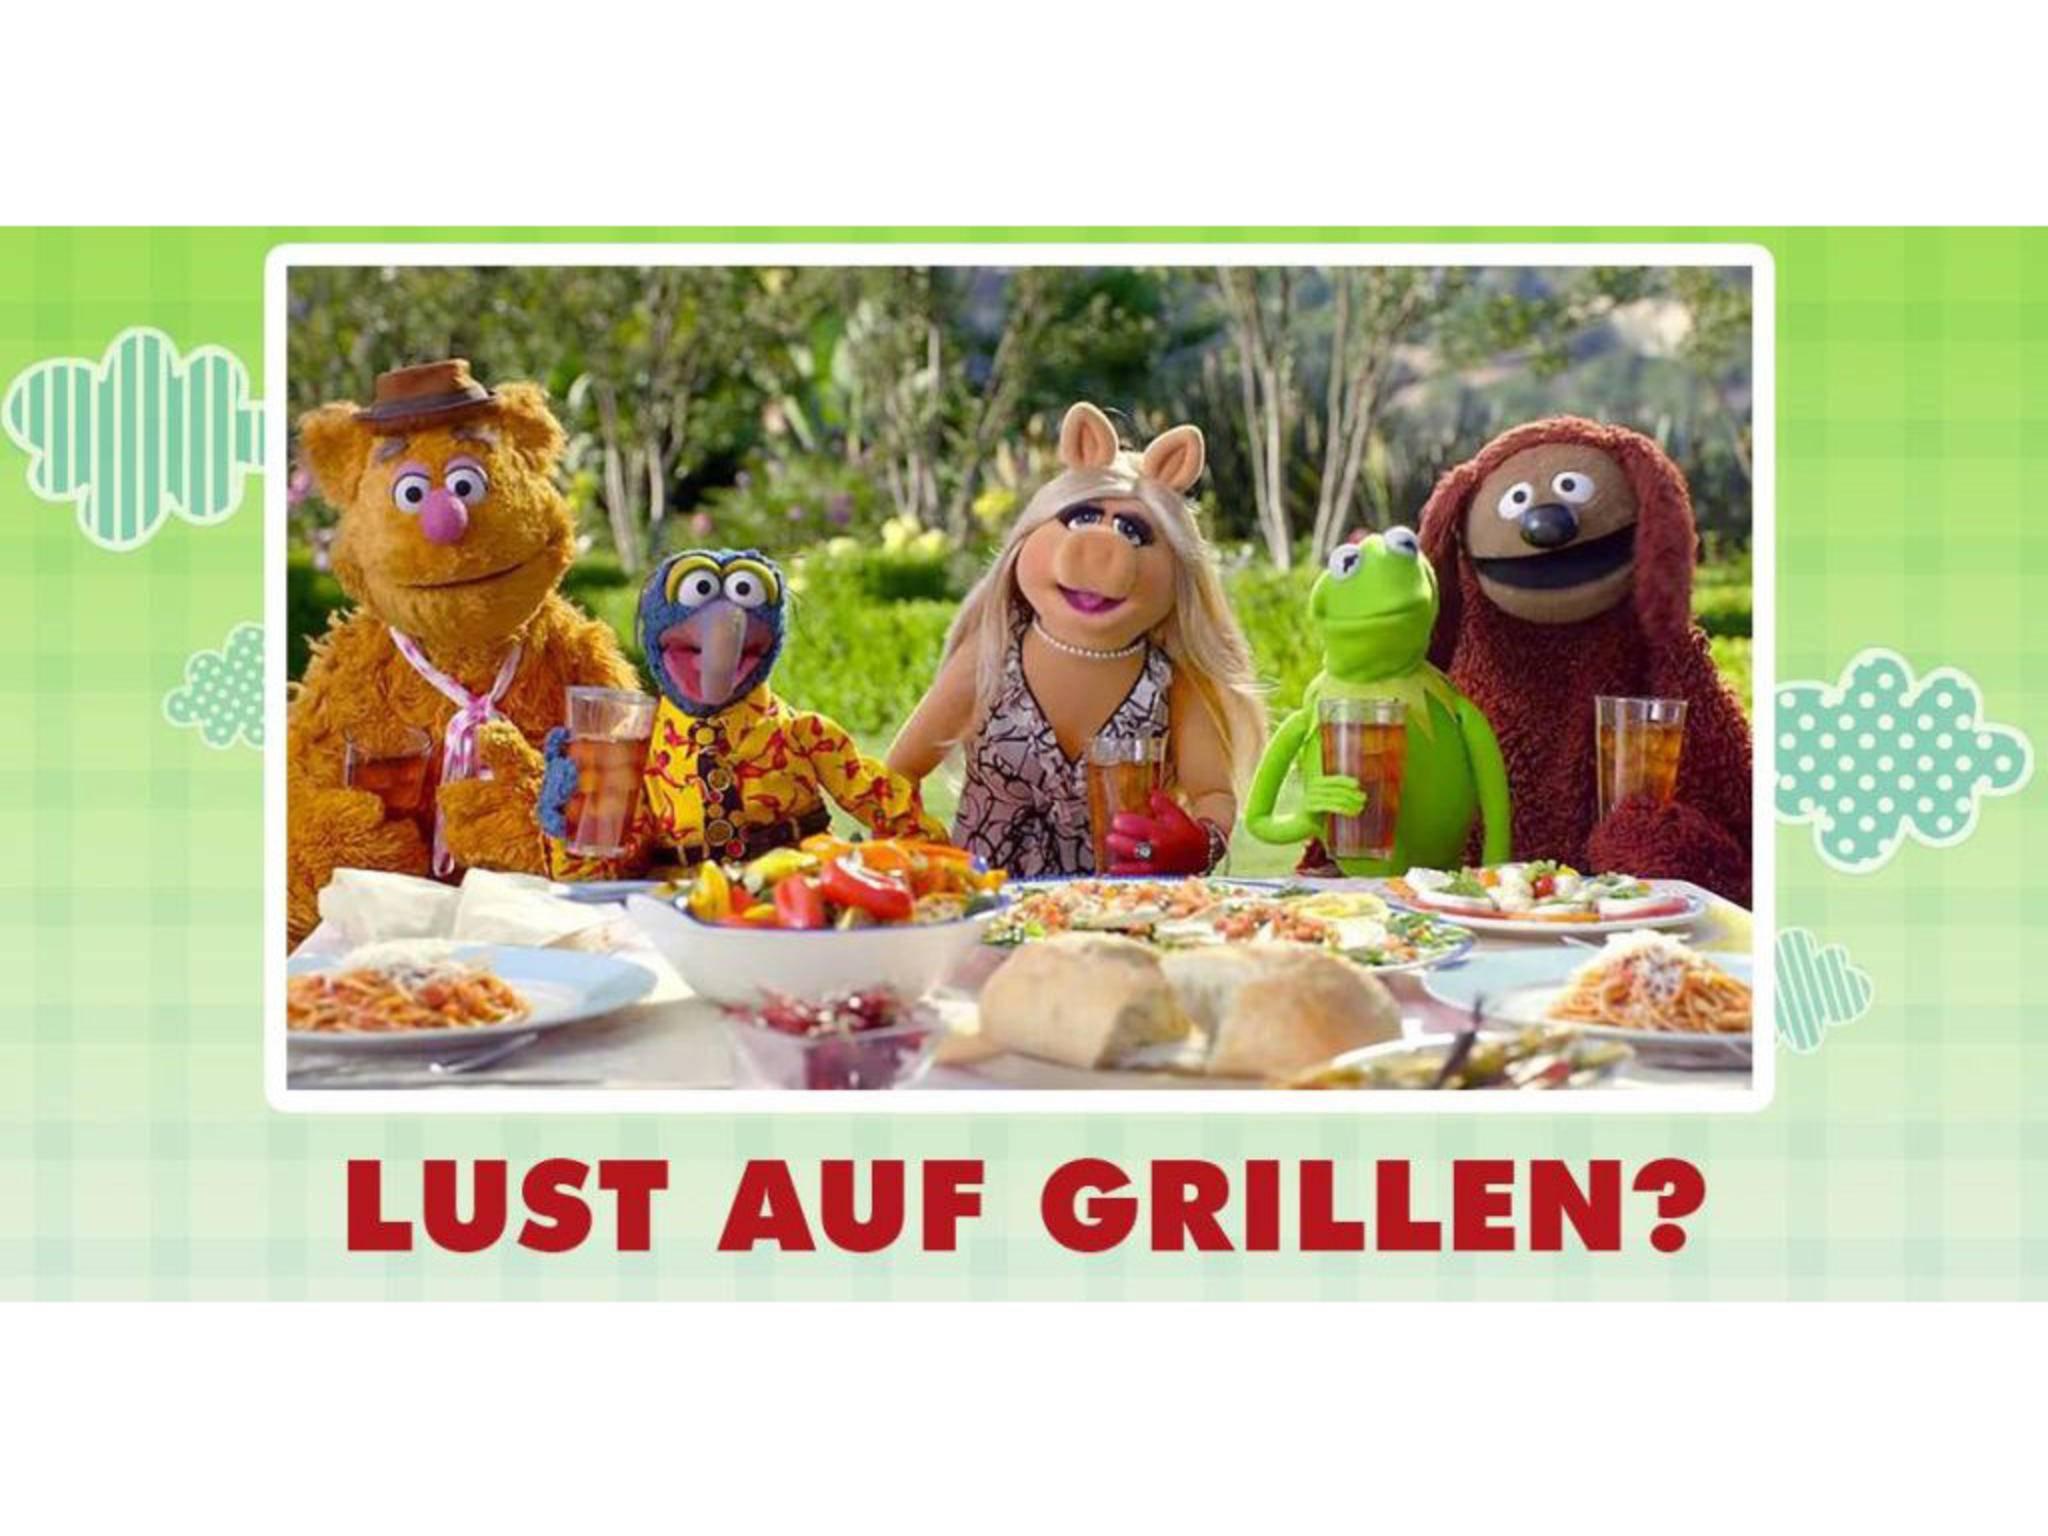 Hast Du dann schon was vor? Die Muppets hätten da 'ne Idee.